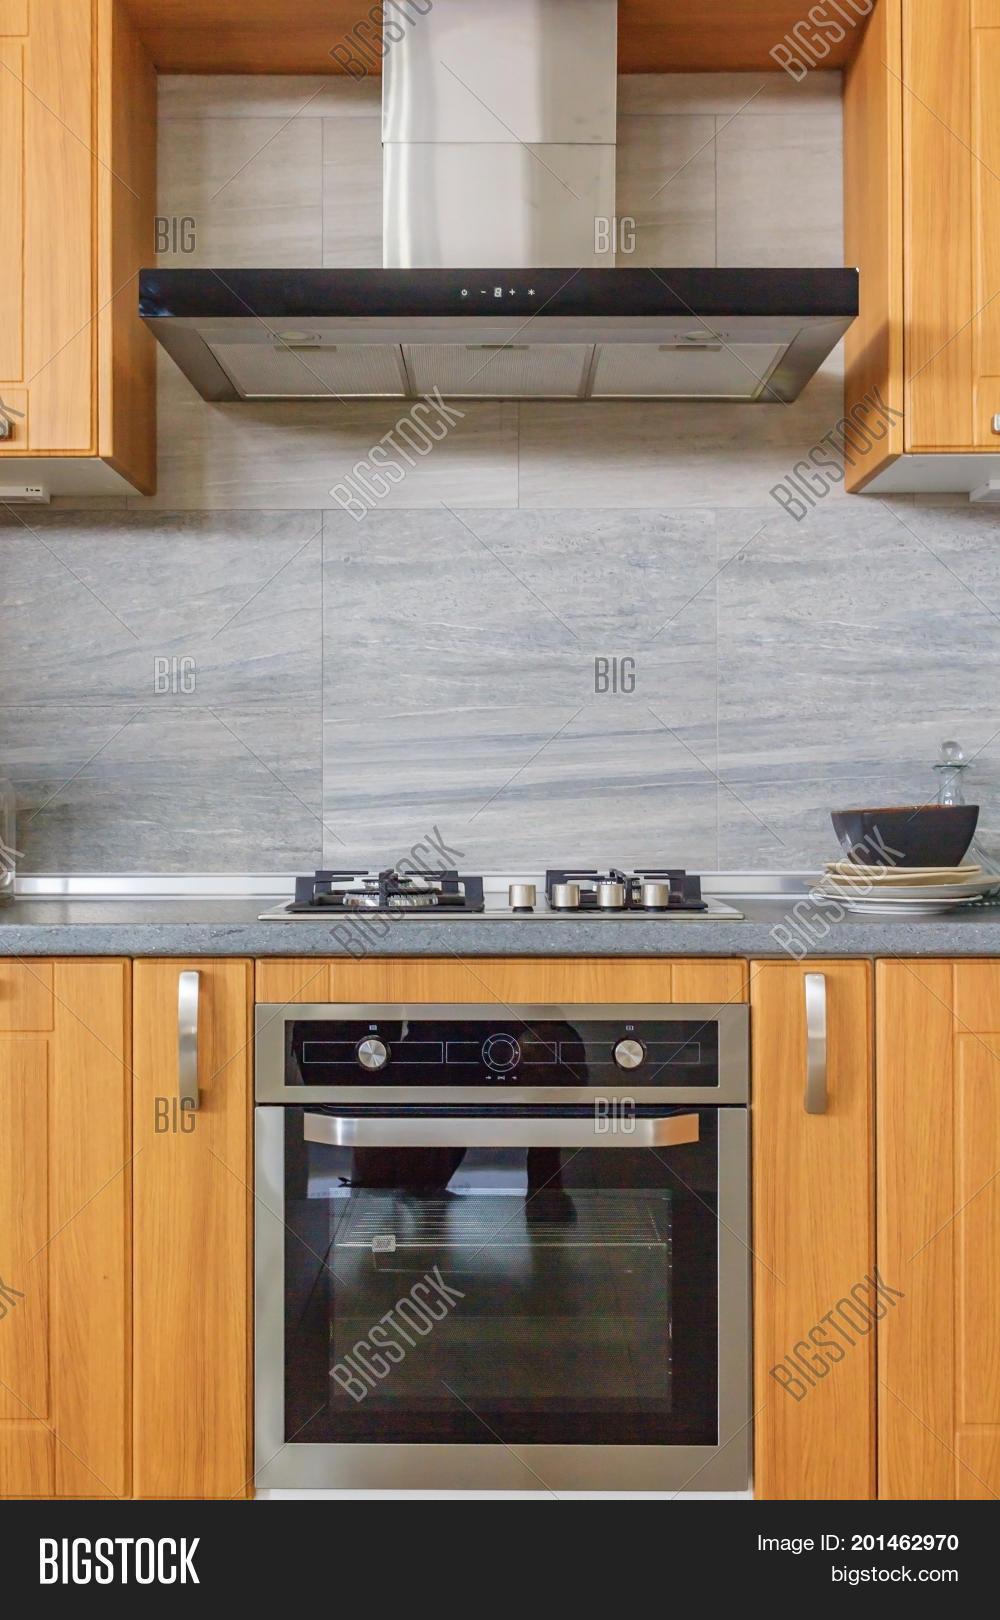 Modern home interior modern design of the kitchen in a bright interior kitchen wood